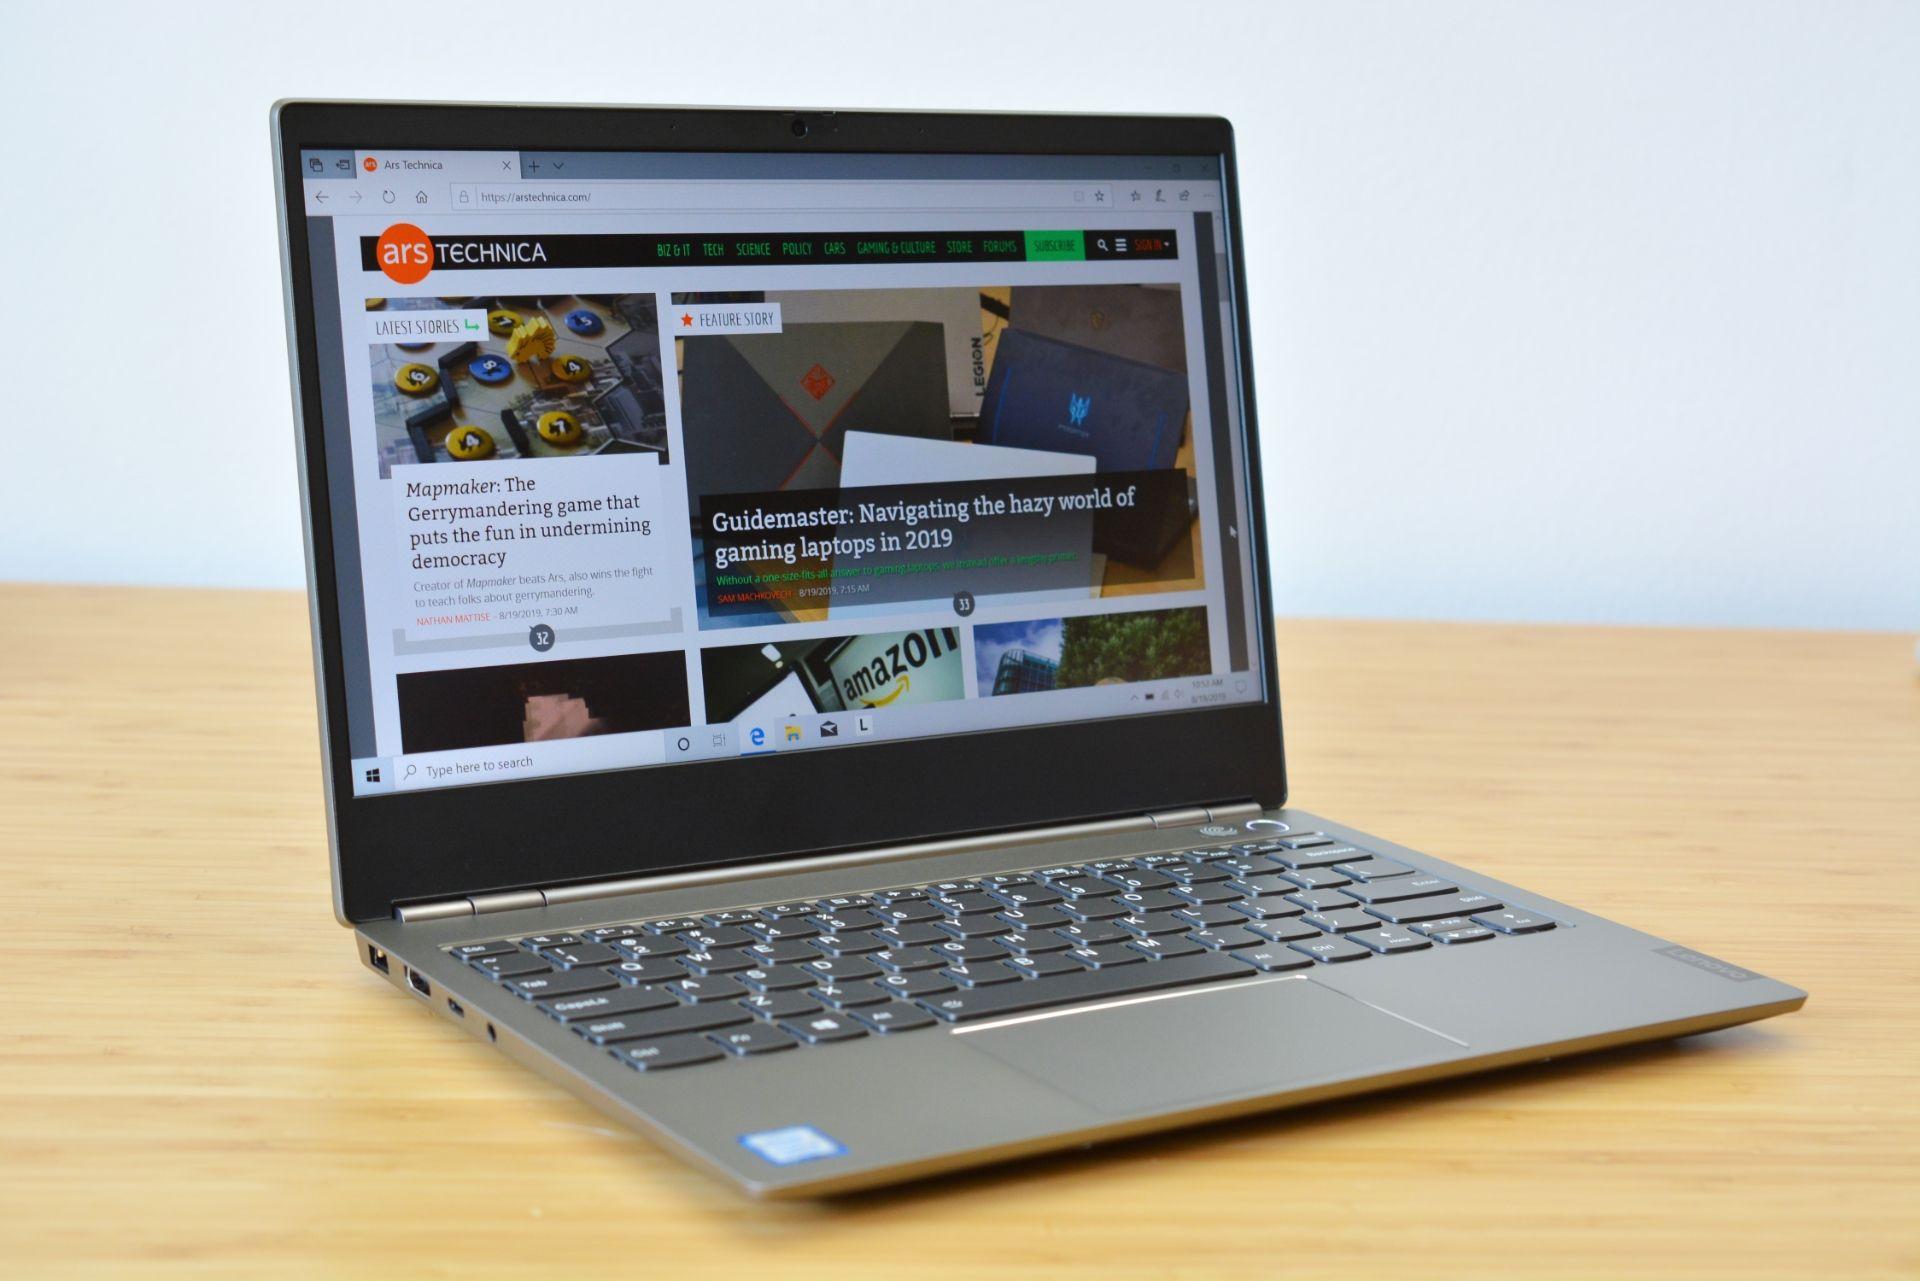 Lenovo Vs Hp Laptops Reddit In 2020 Lenovo Hp Laptop Lenovo Laptop